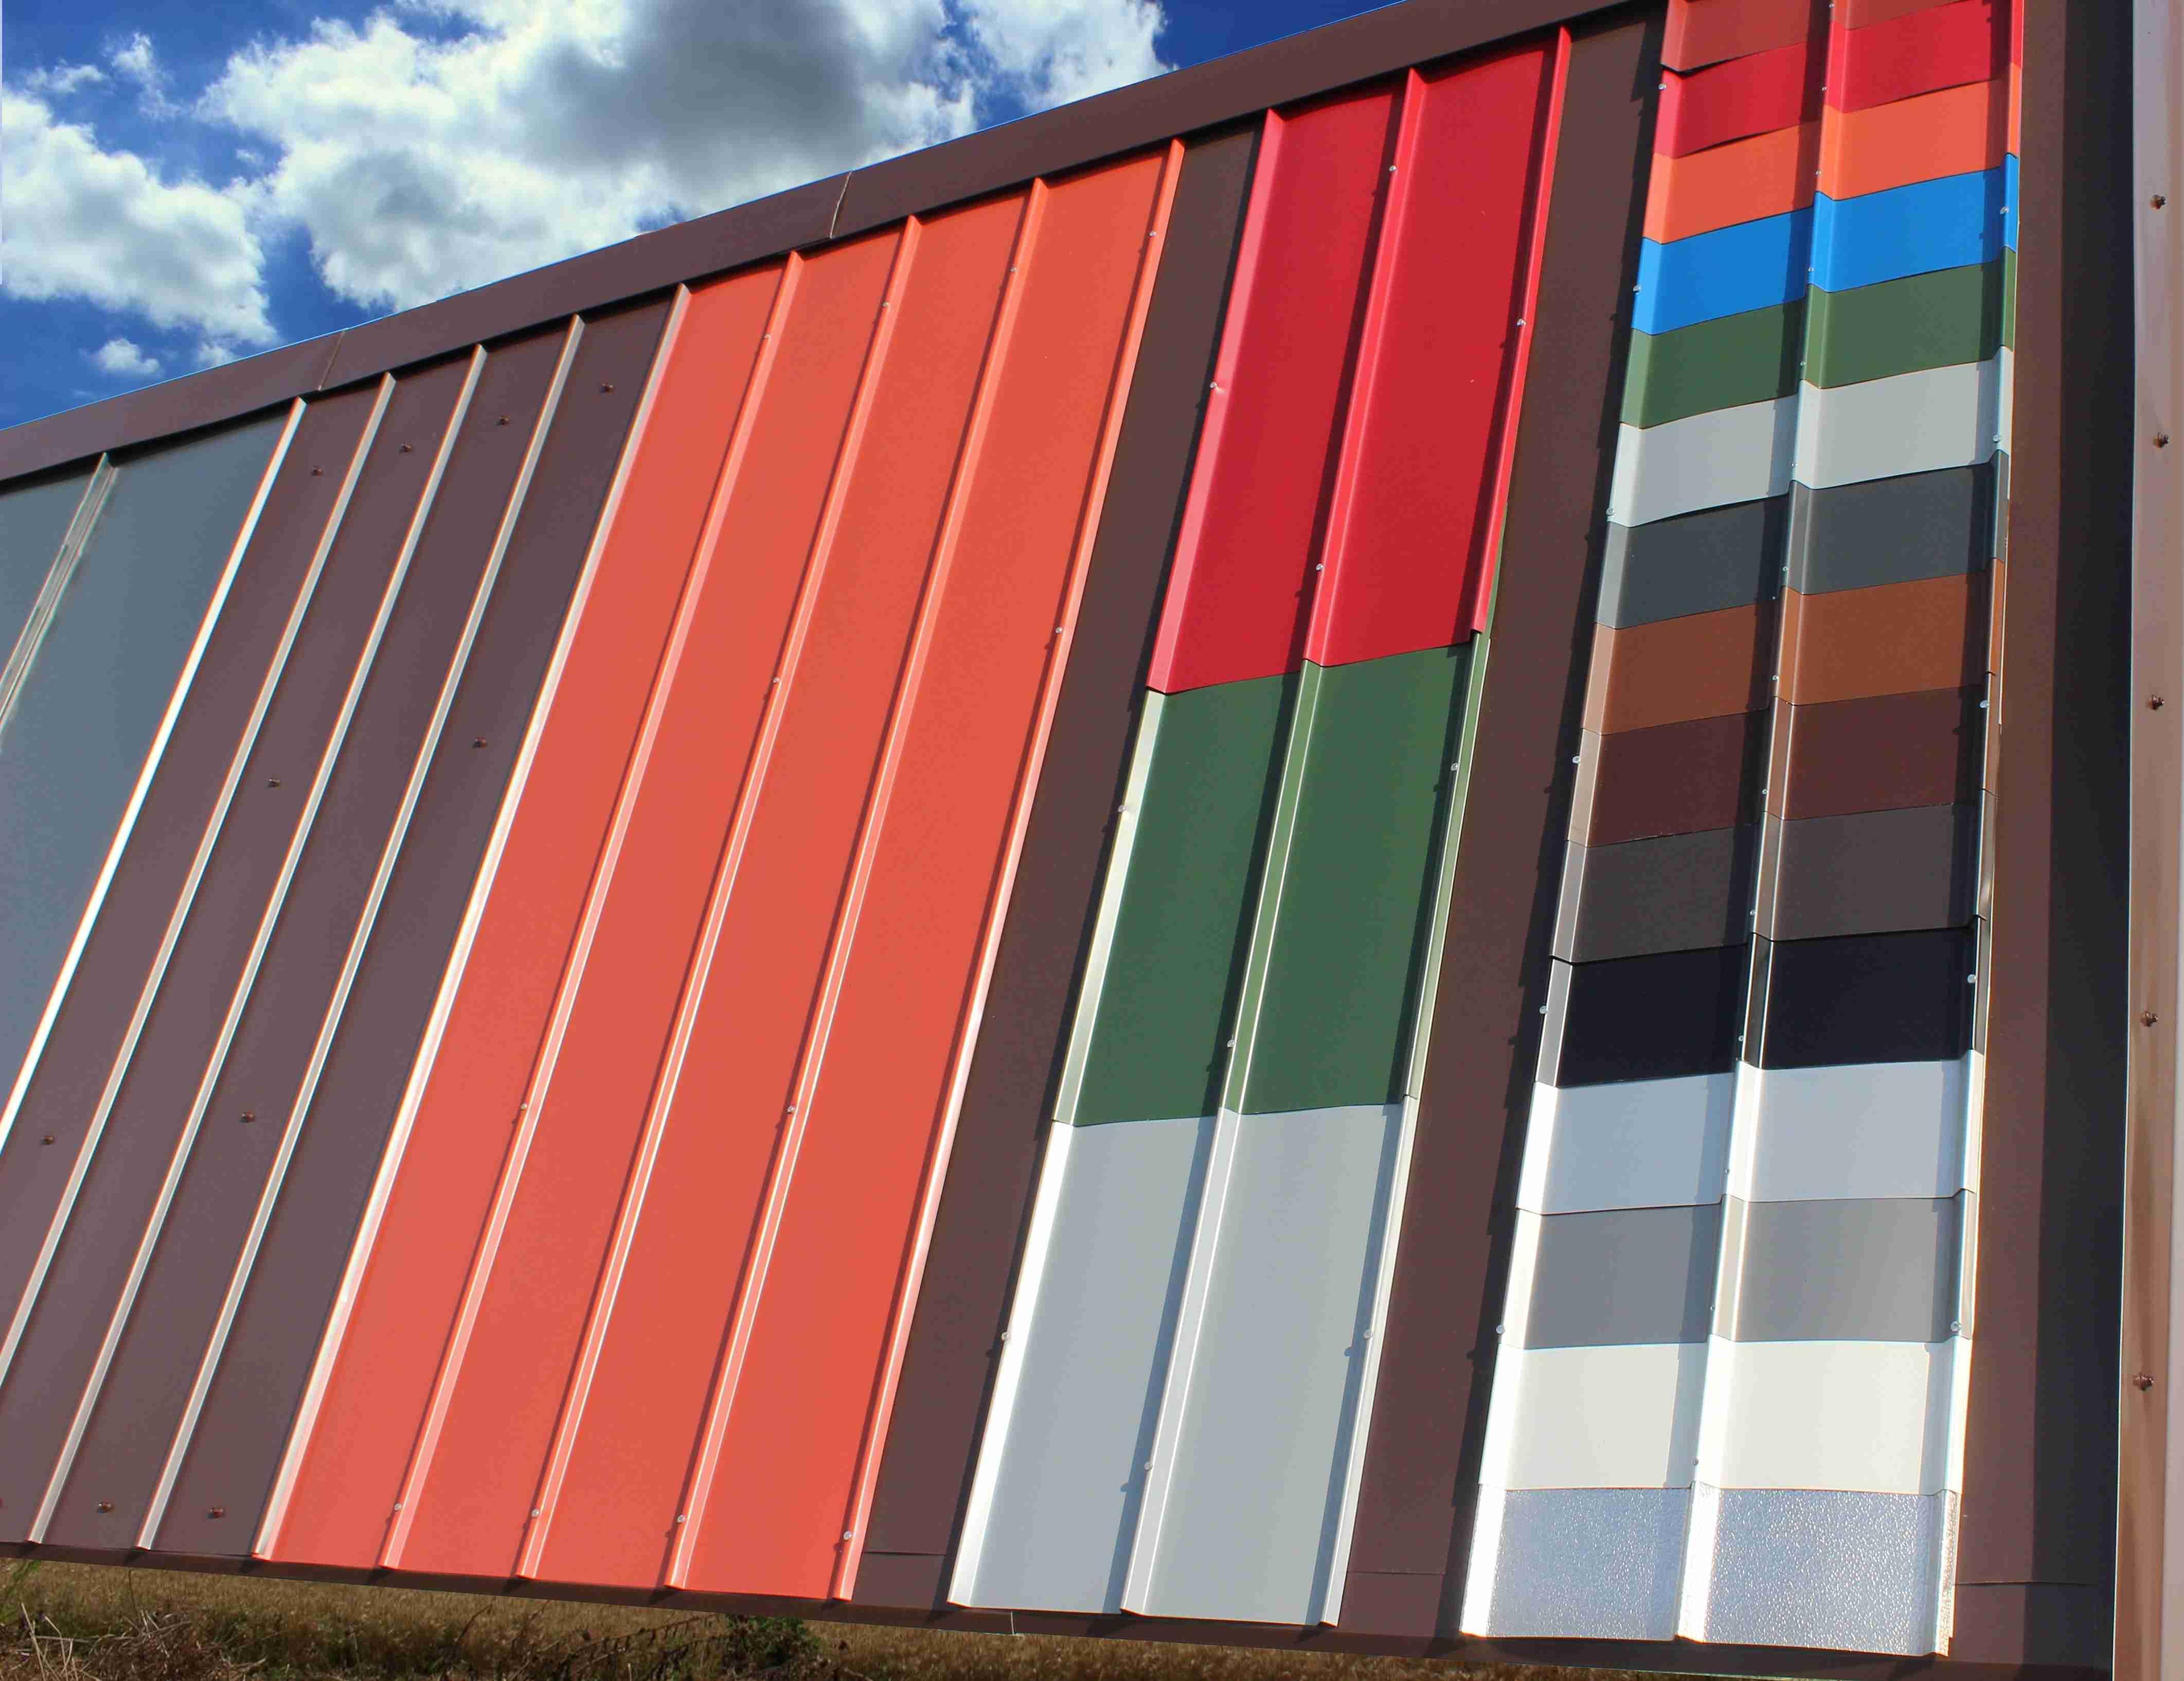 Hliníková střešní krytina – Střecha i pro další generace